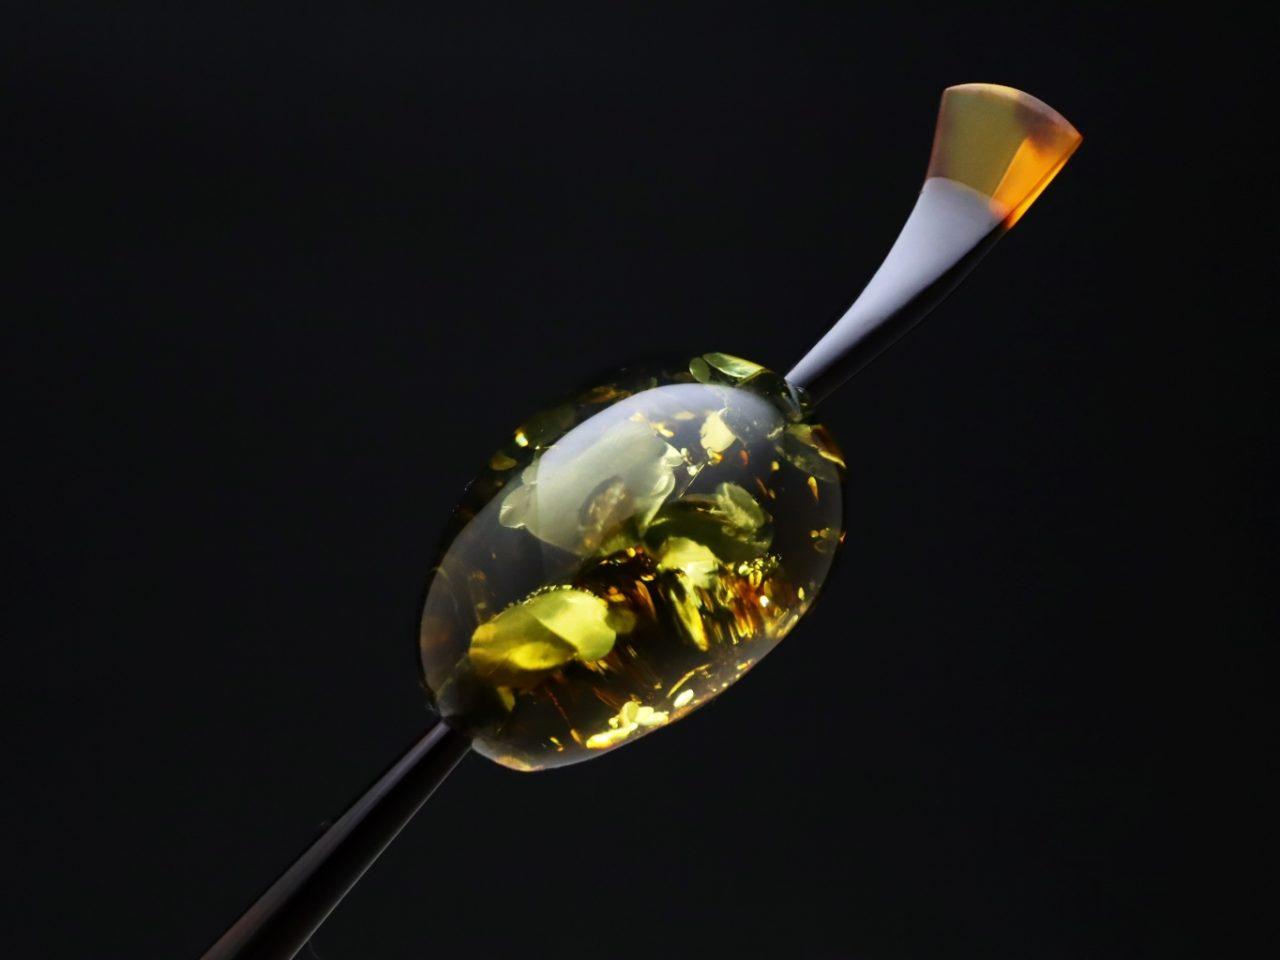 べっ甲バルティックアンバー(琥珀)一本挿し2021・2種|美しい天然琥珀の上品な輝きを纏う。